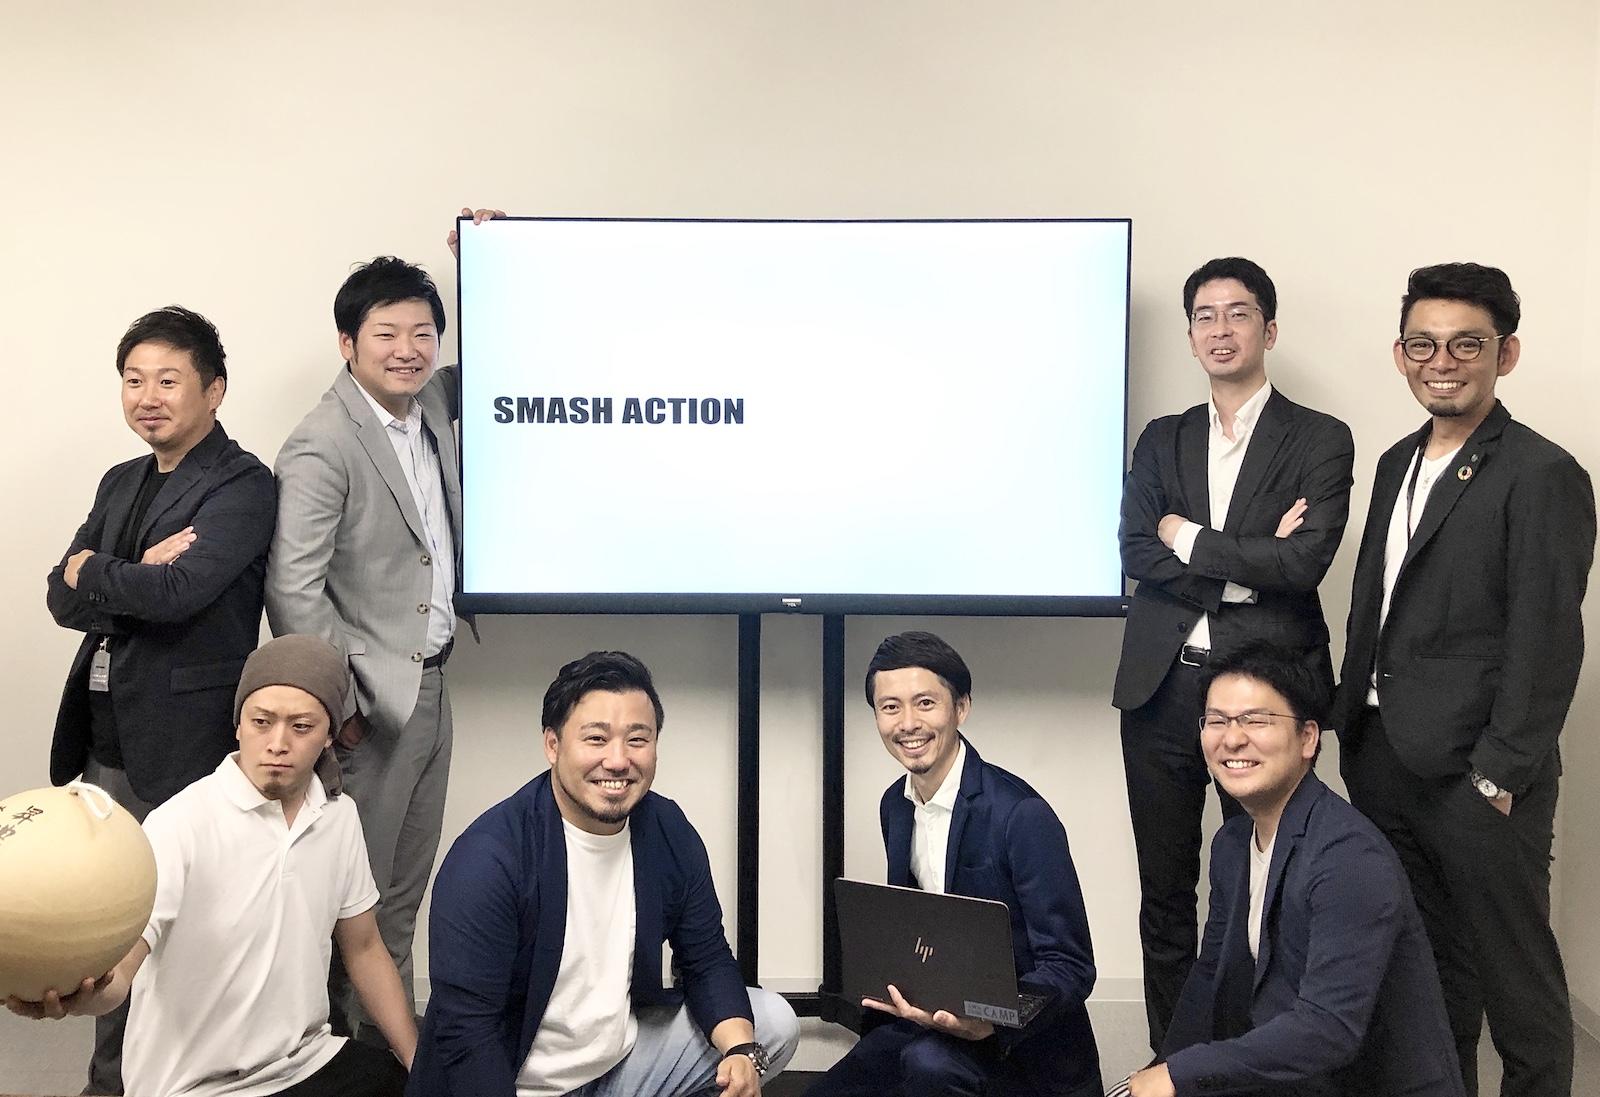 SMASH ACTIONのメンバー(真ん中右が宮本さん)